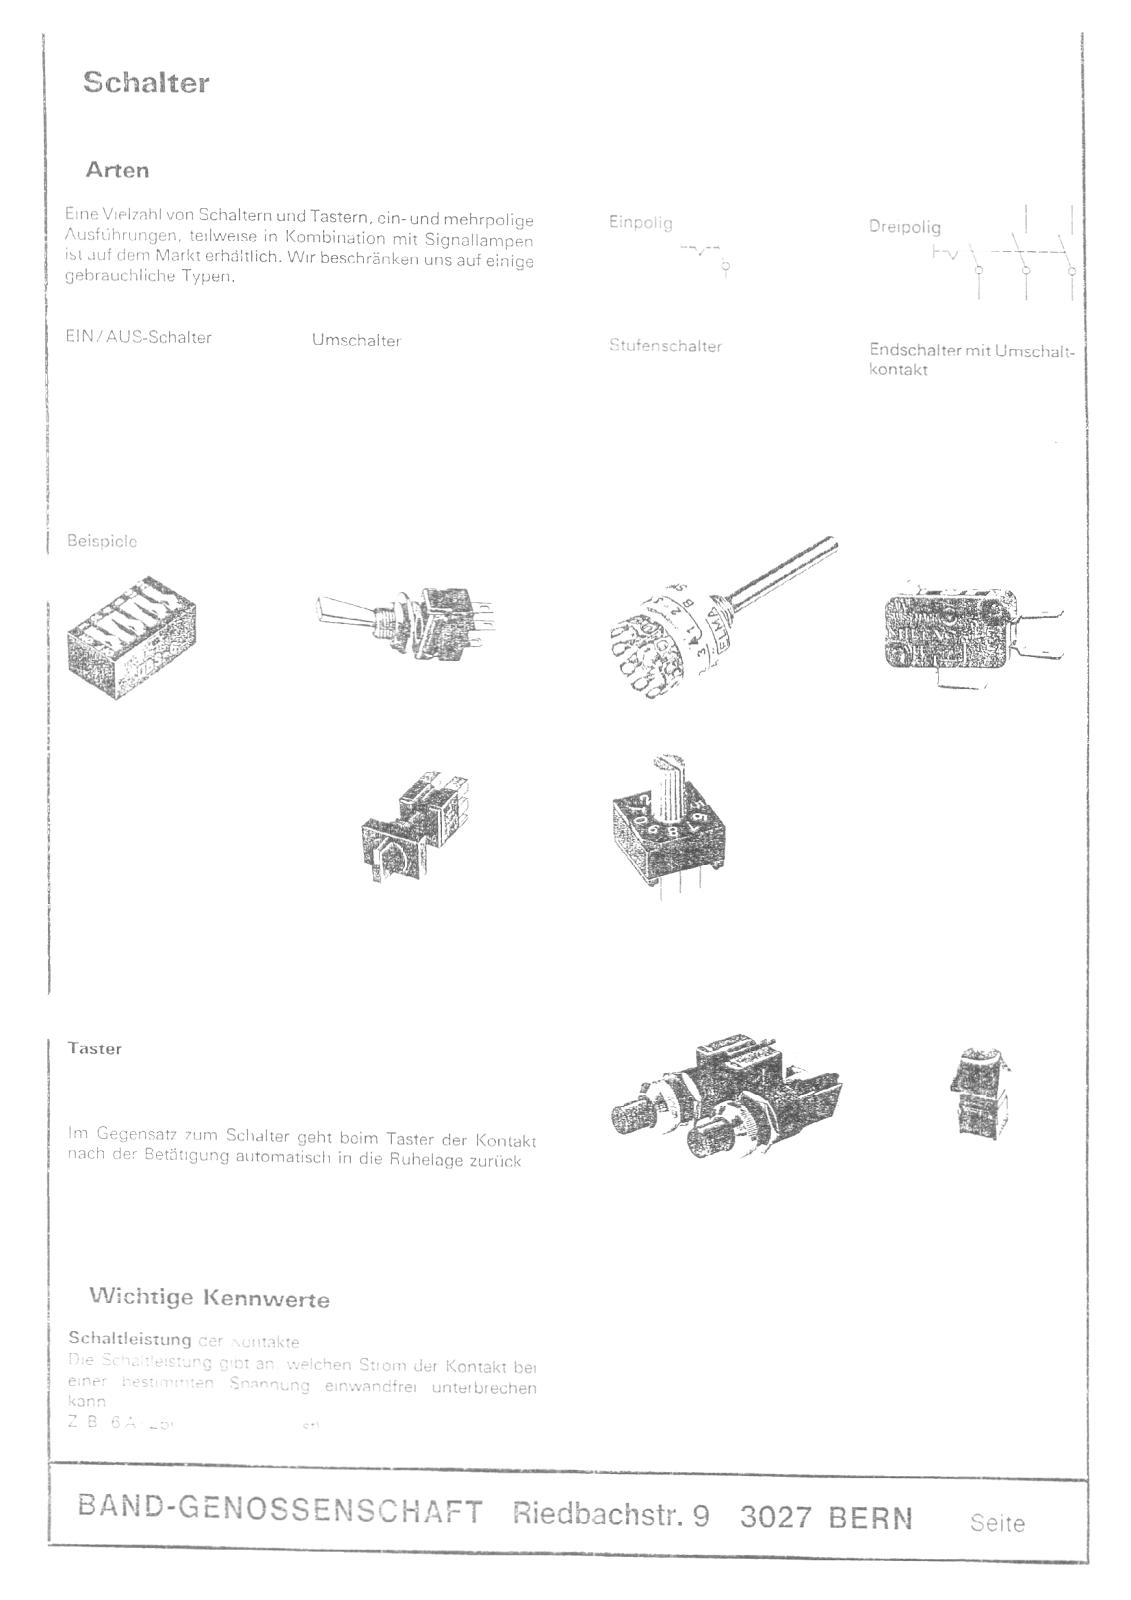 montage technologie | multimediaelektroniker